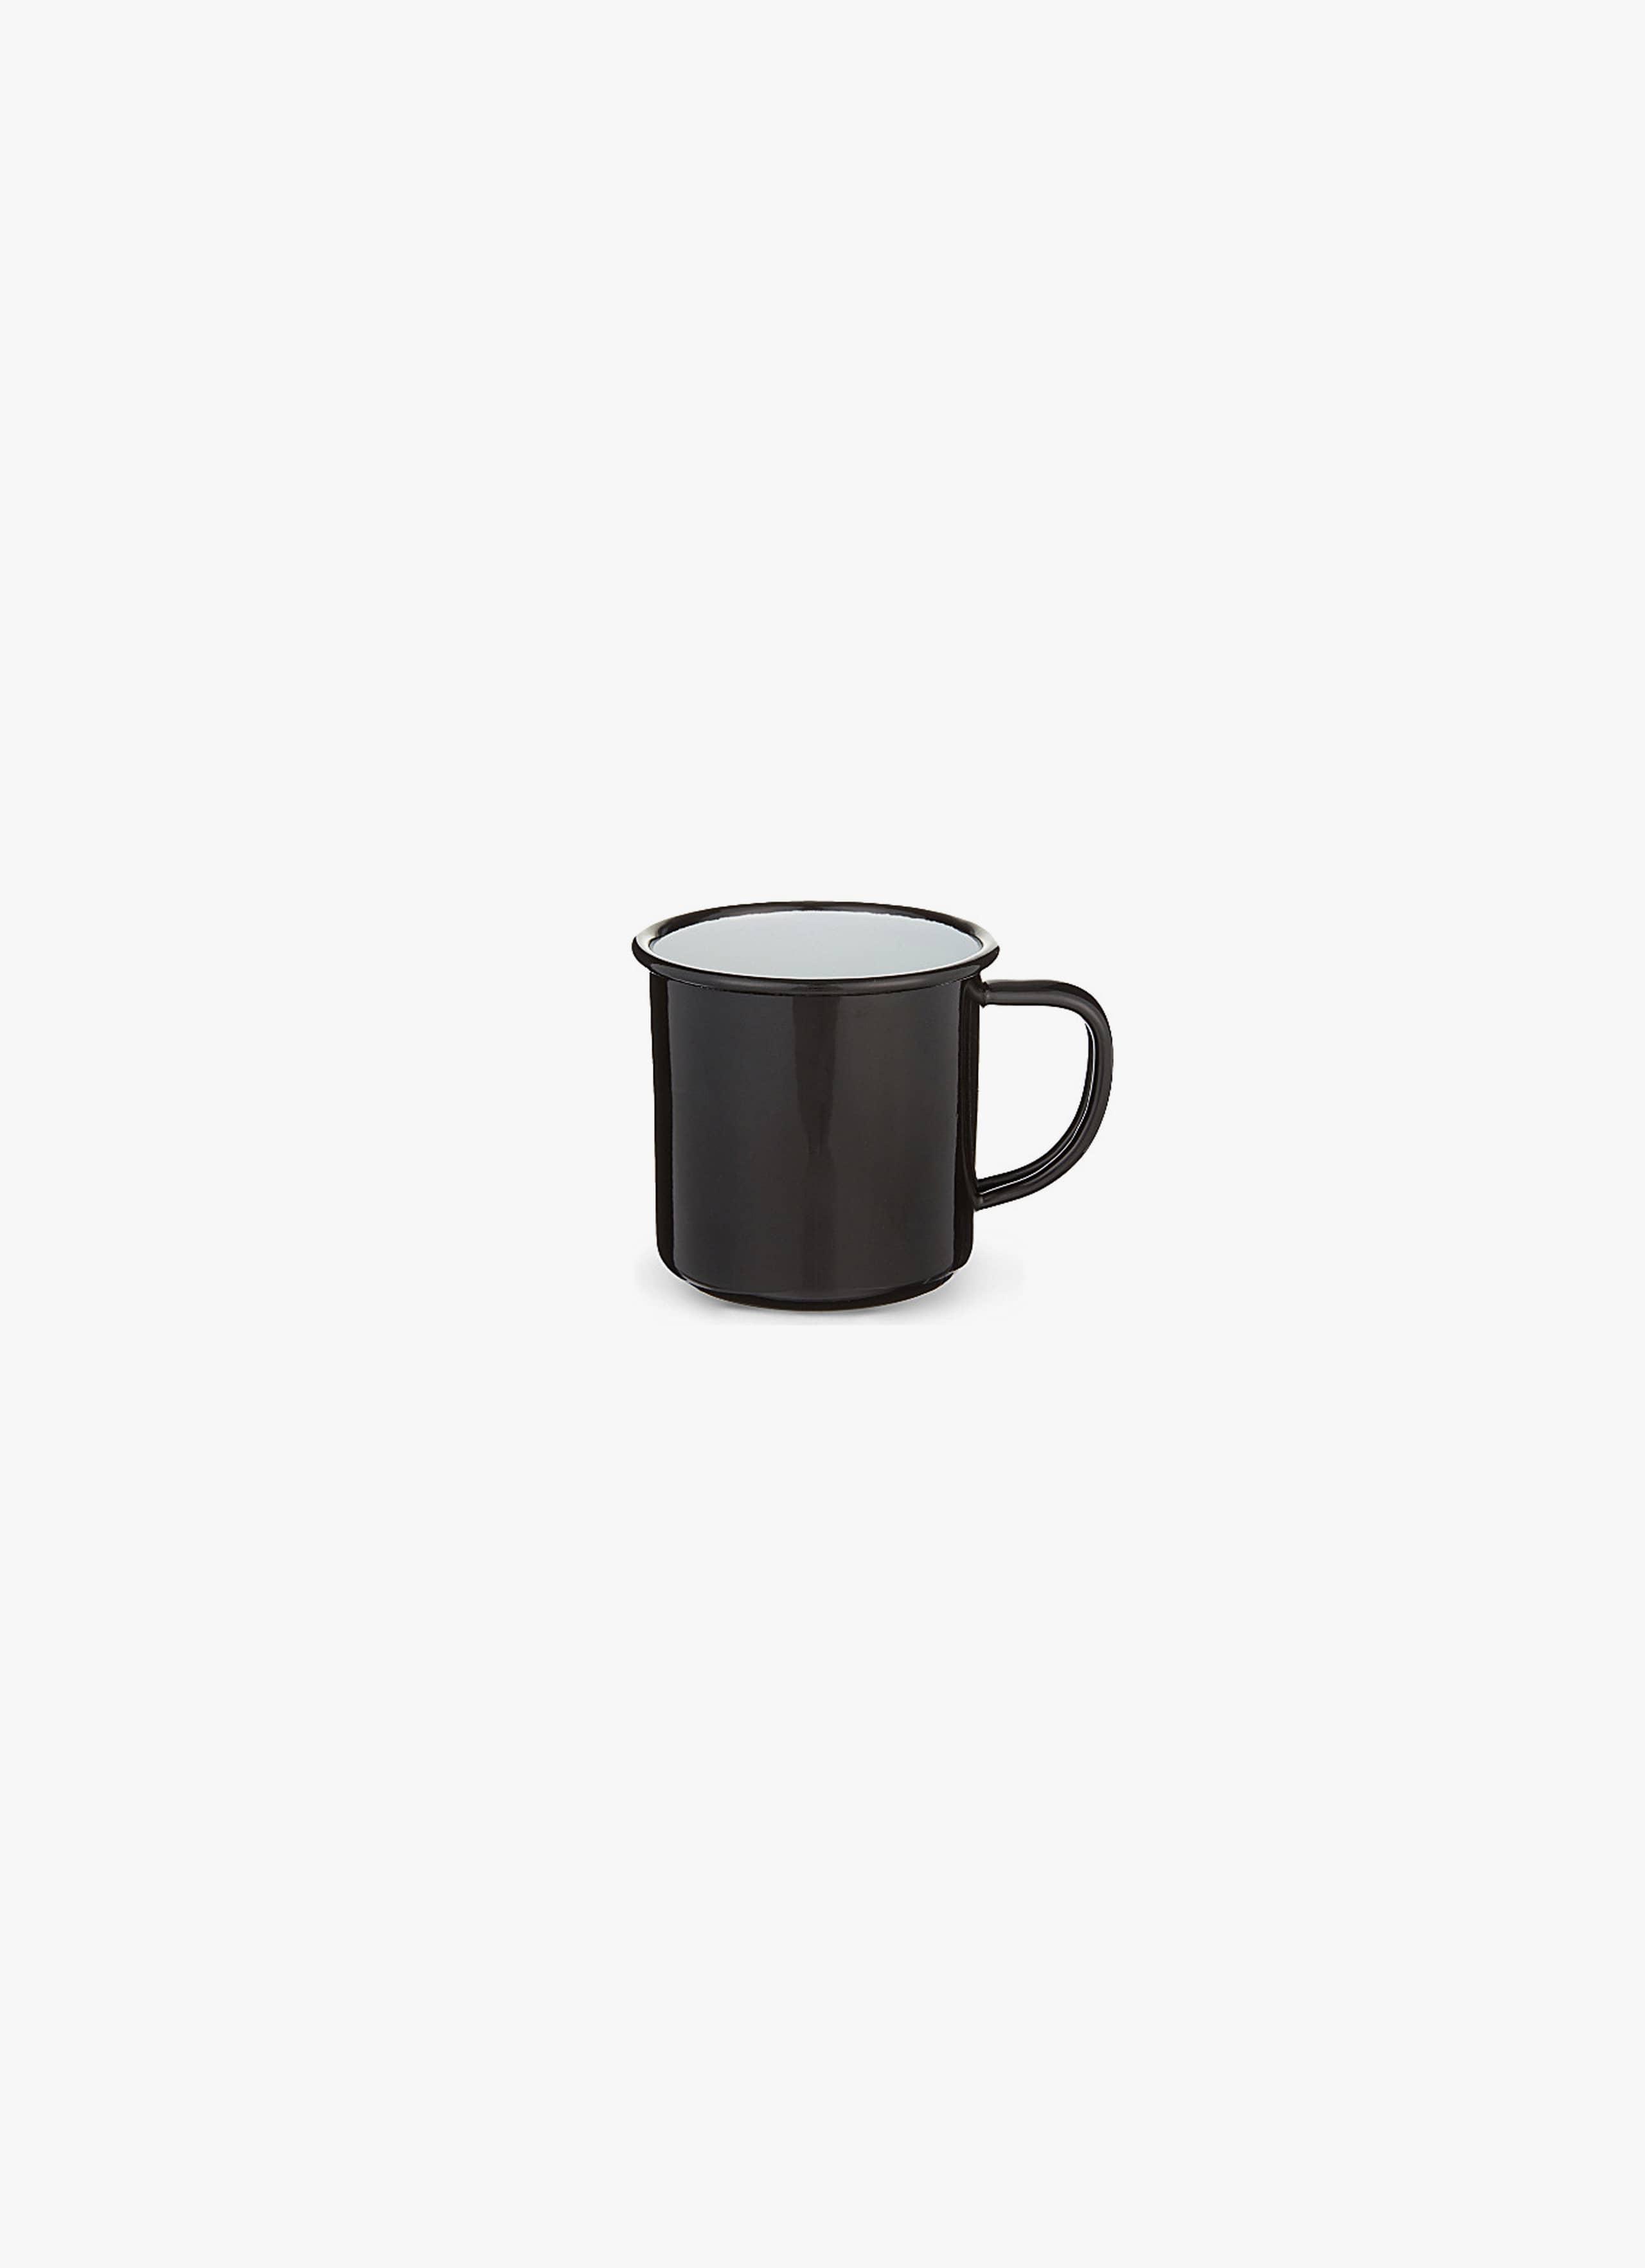 Falcon Enamelware - Espresso Cup - Coal Black